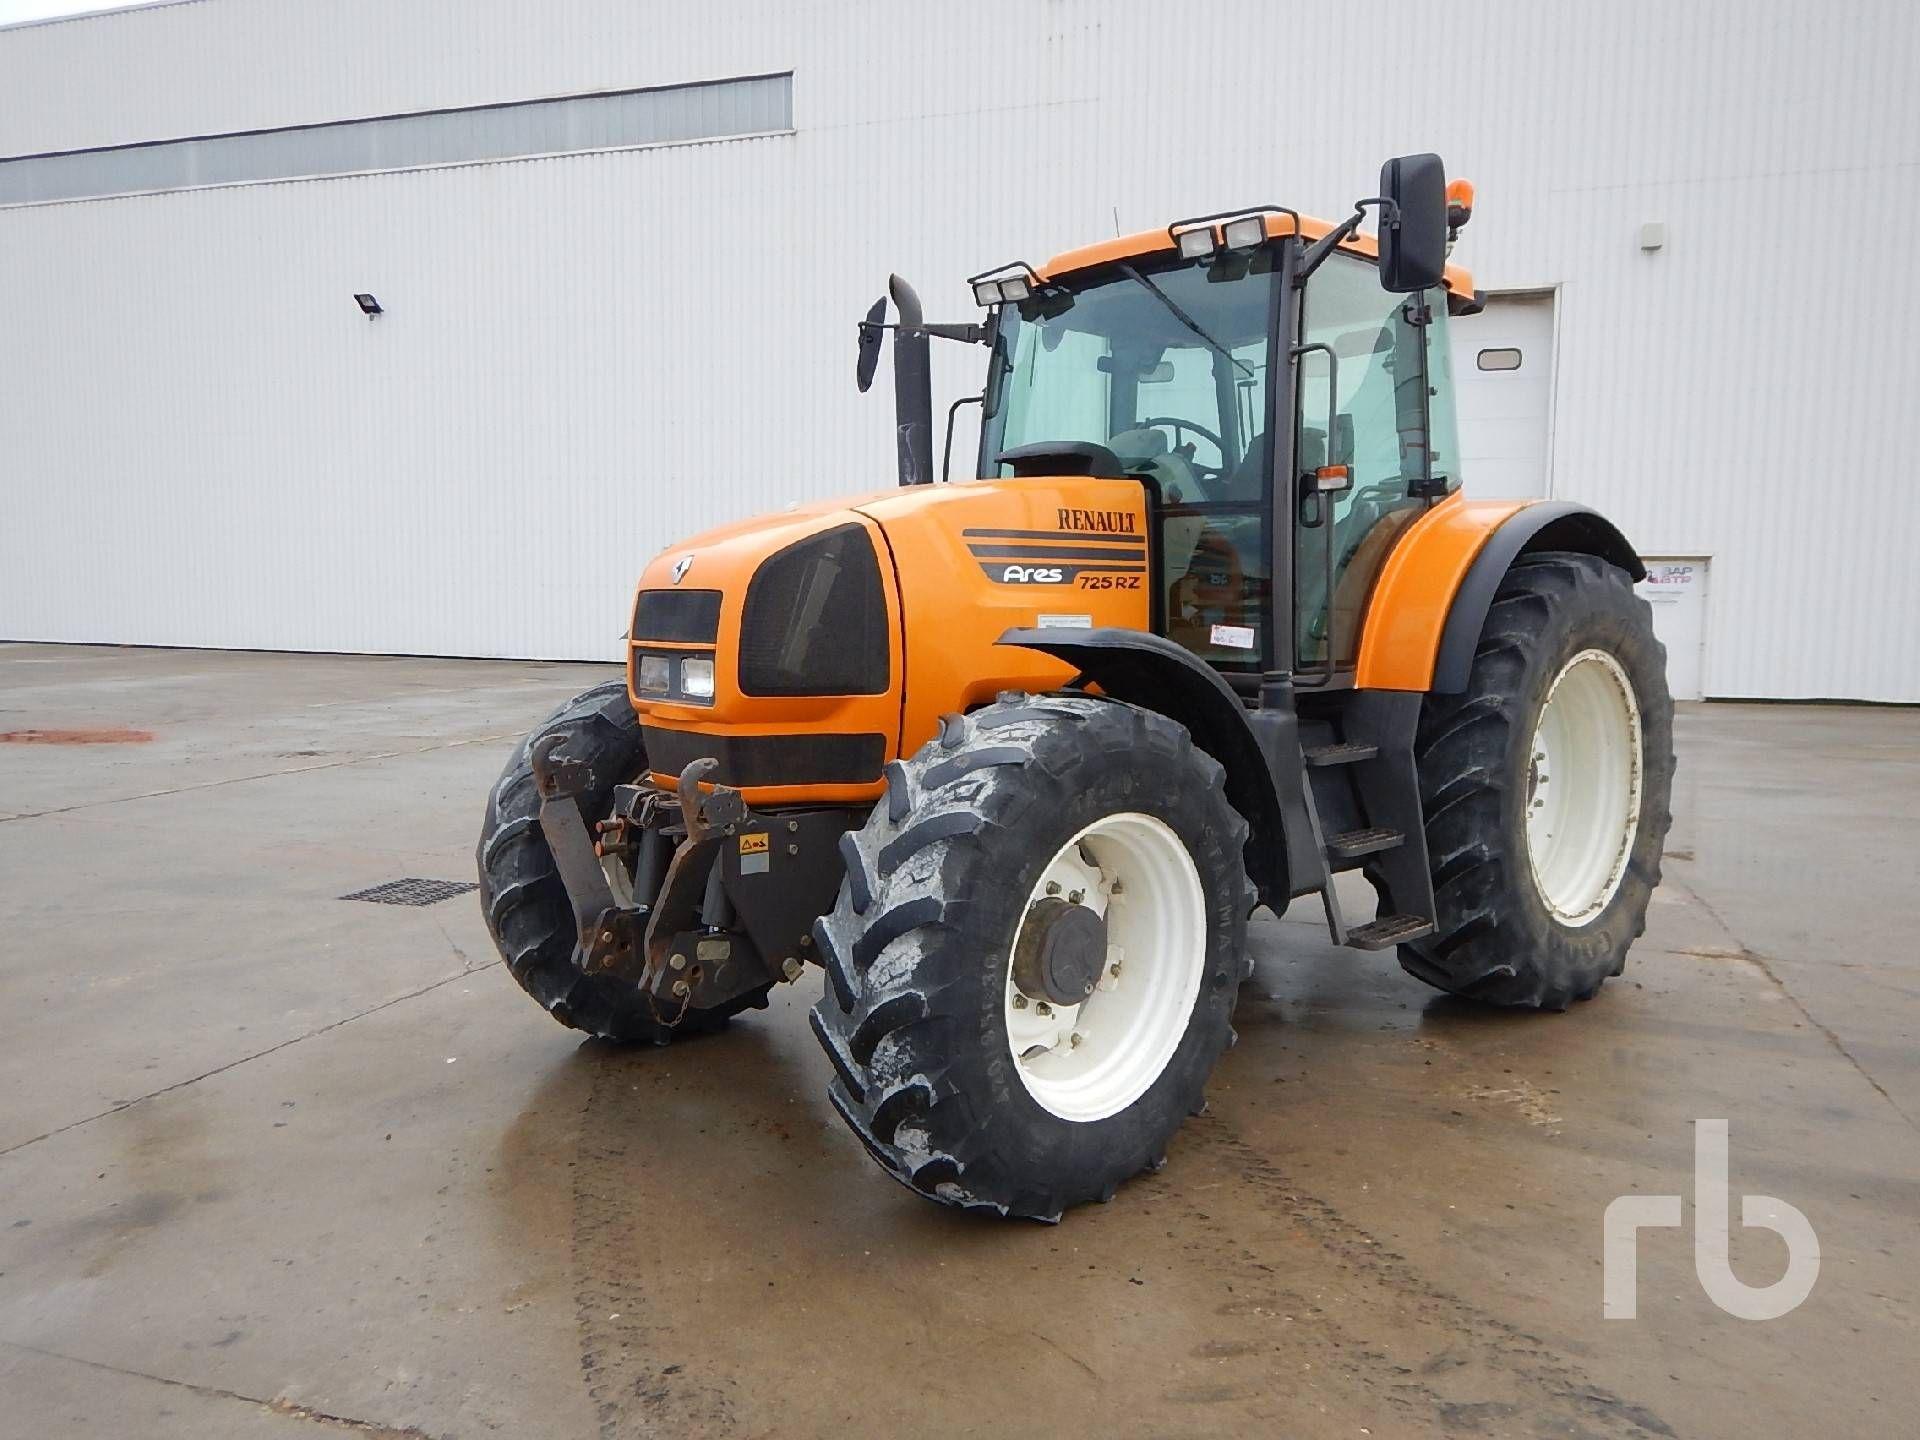 2001 RENAULT ARES 725 RZ 4WD Landwirtschaftstraktor MFWD Traktor